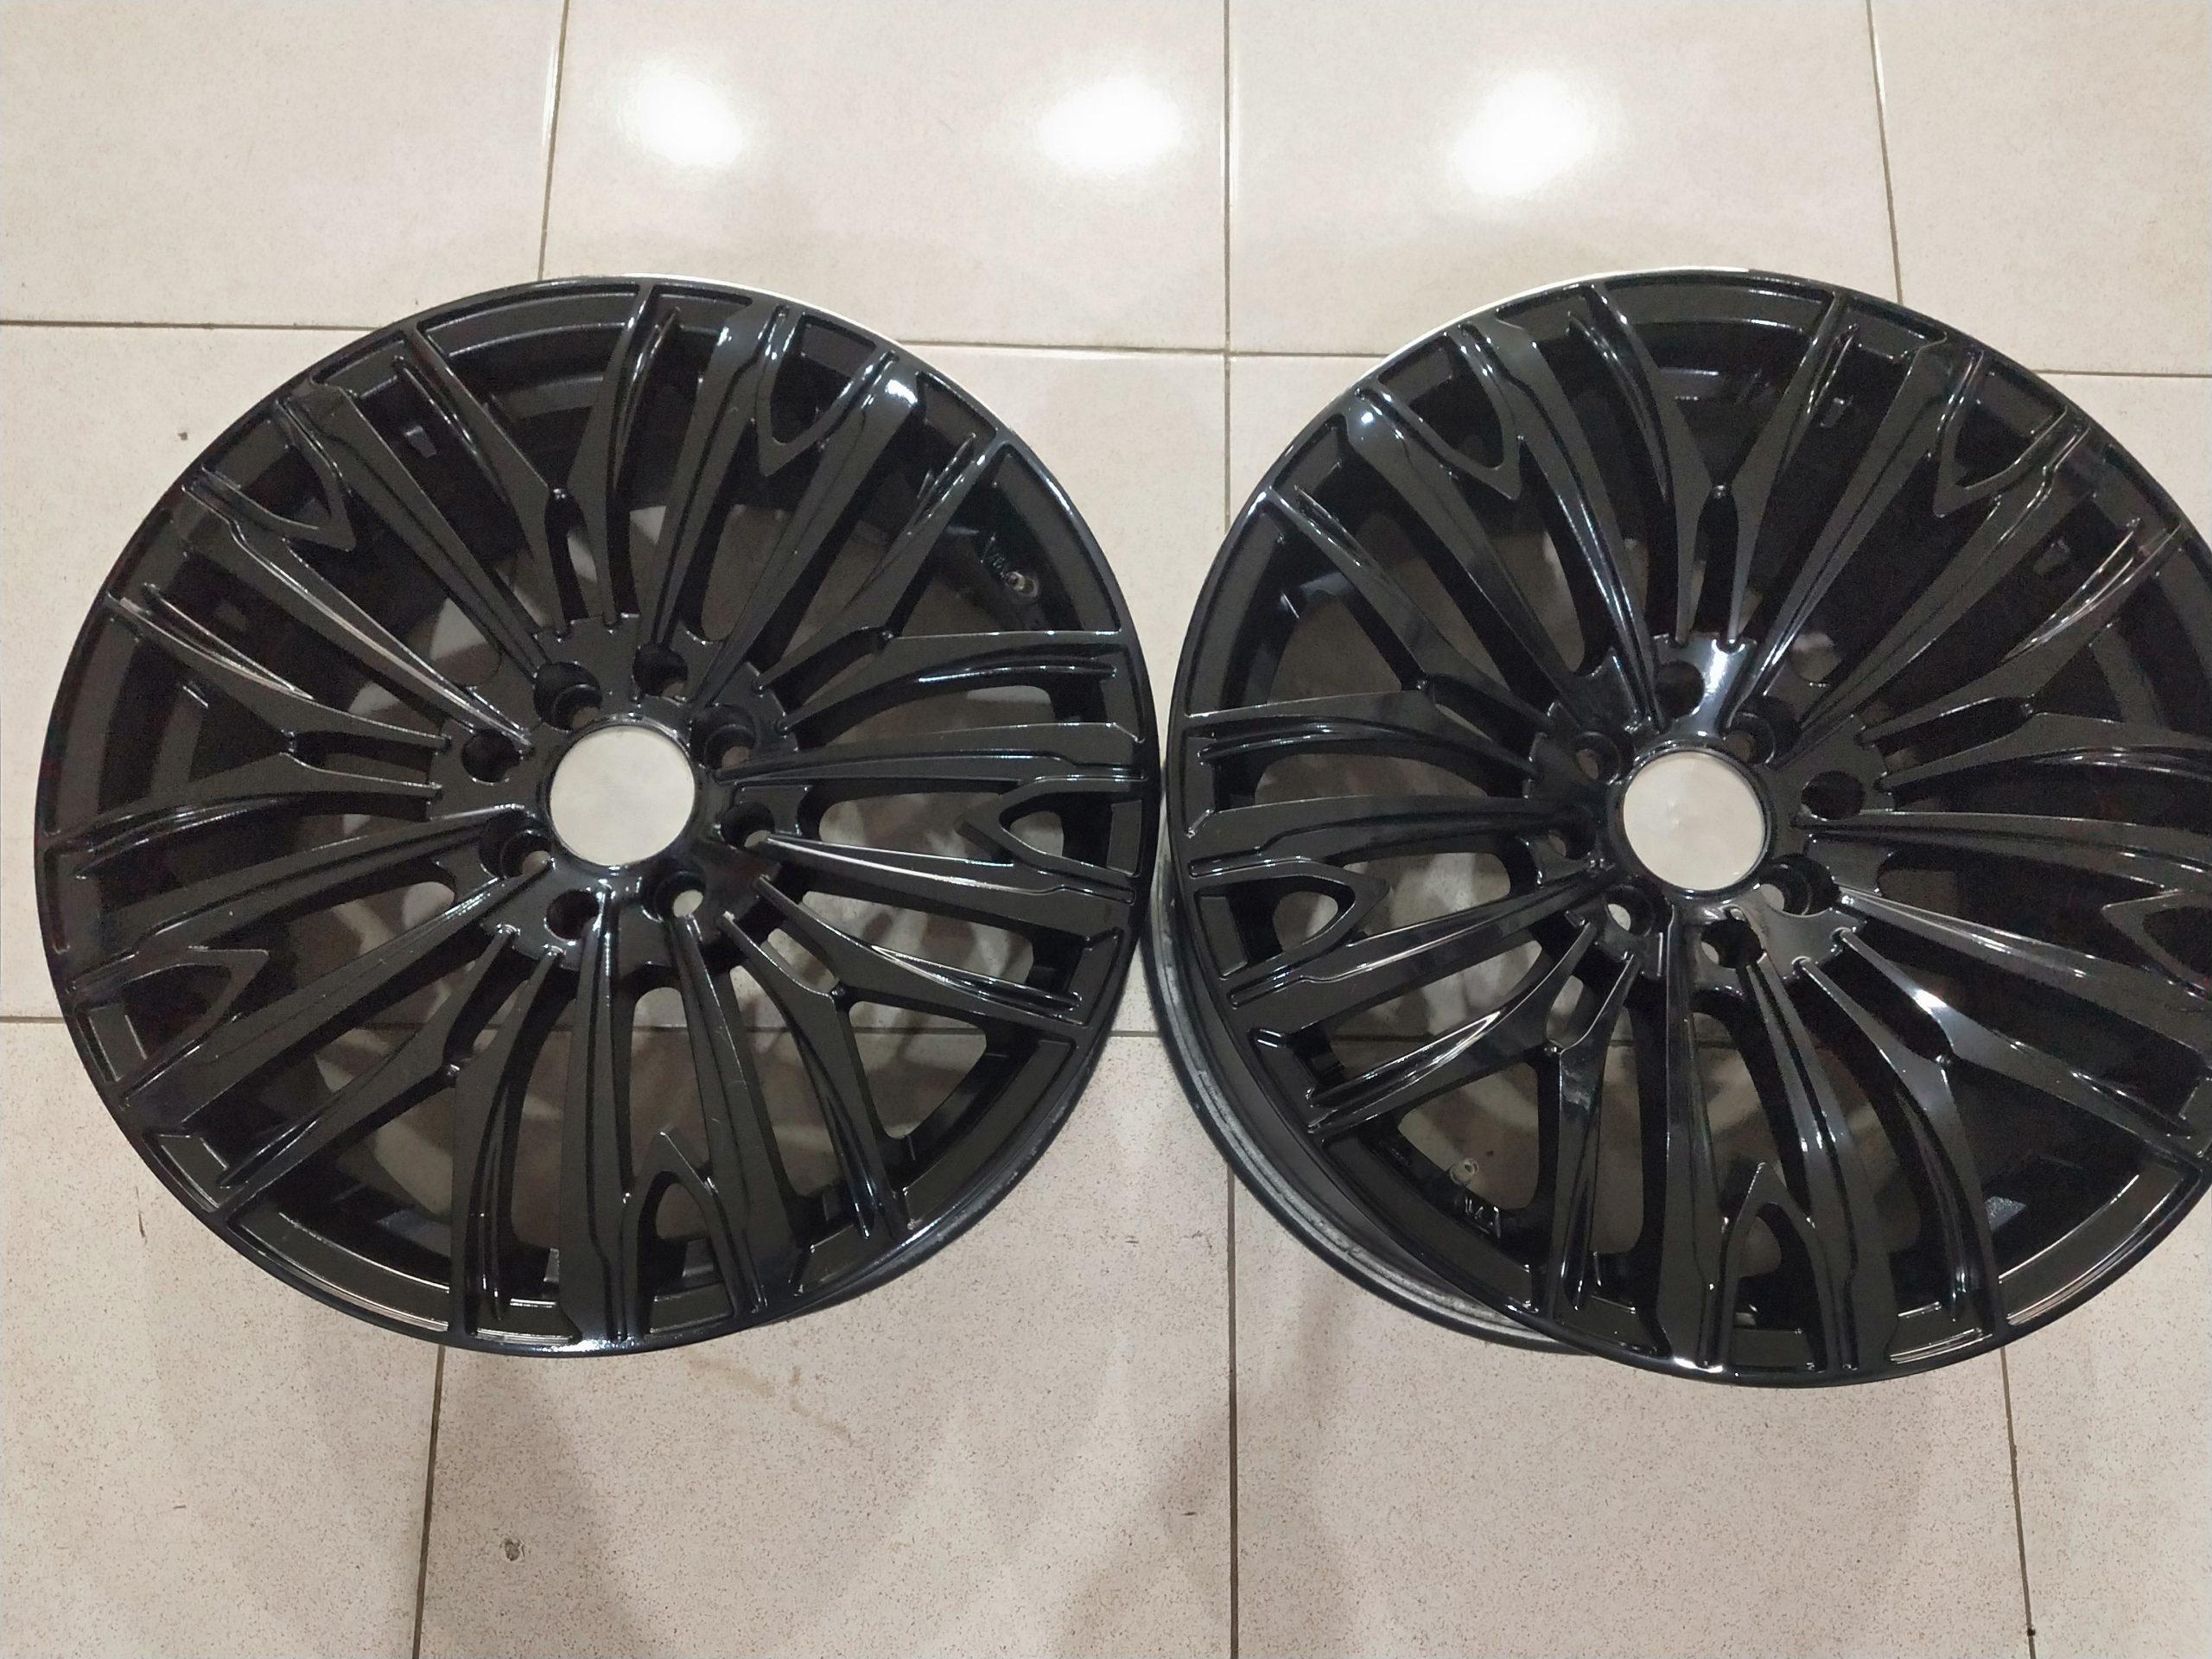 Velg racing modelart ring17x75/9 h8x100-114,3 et42/38 black